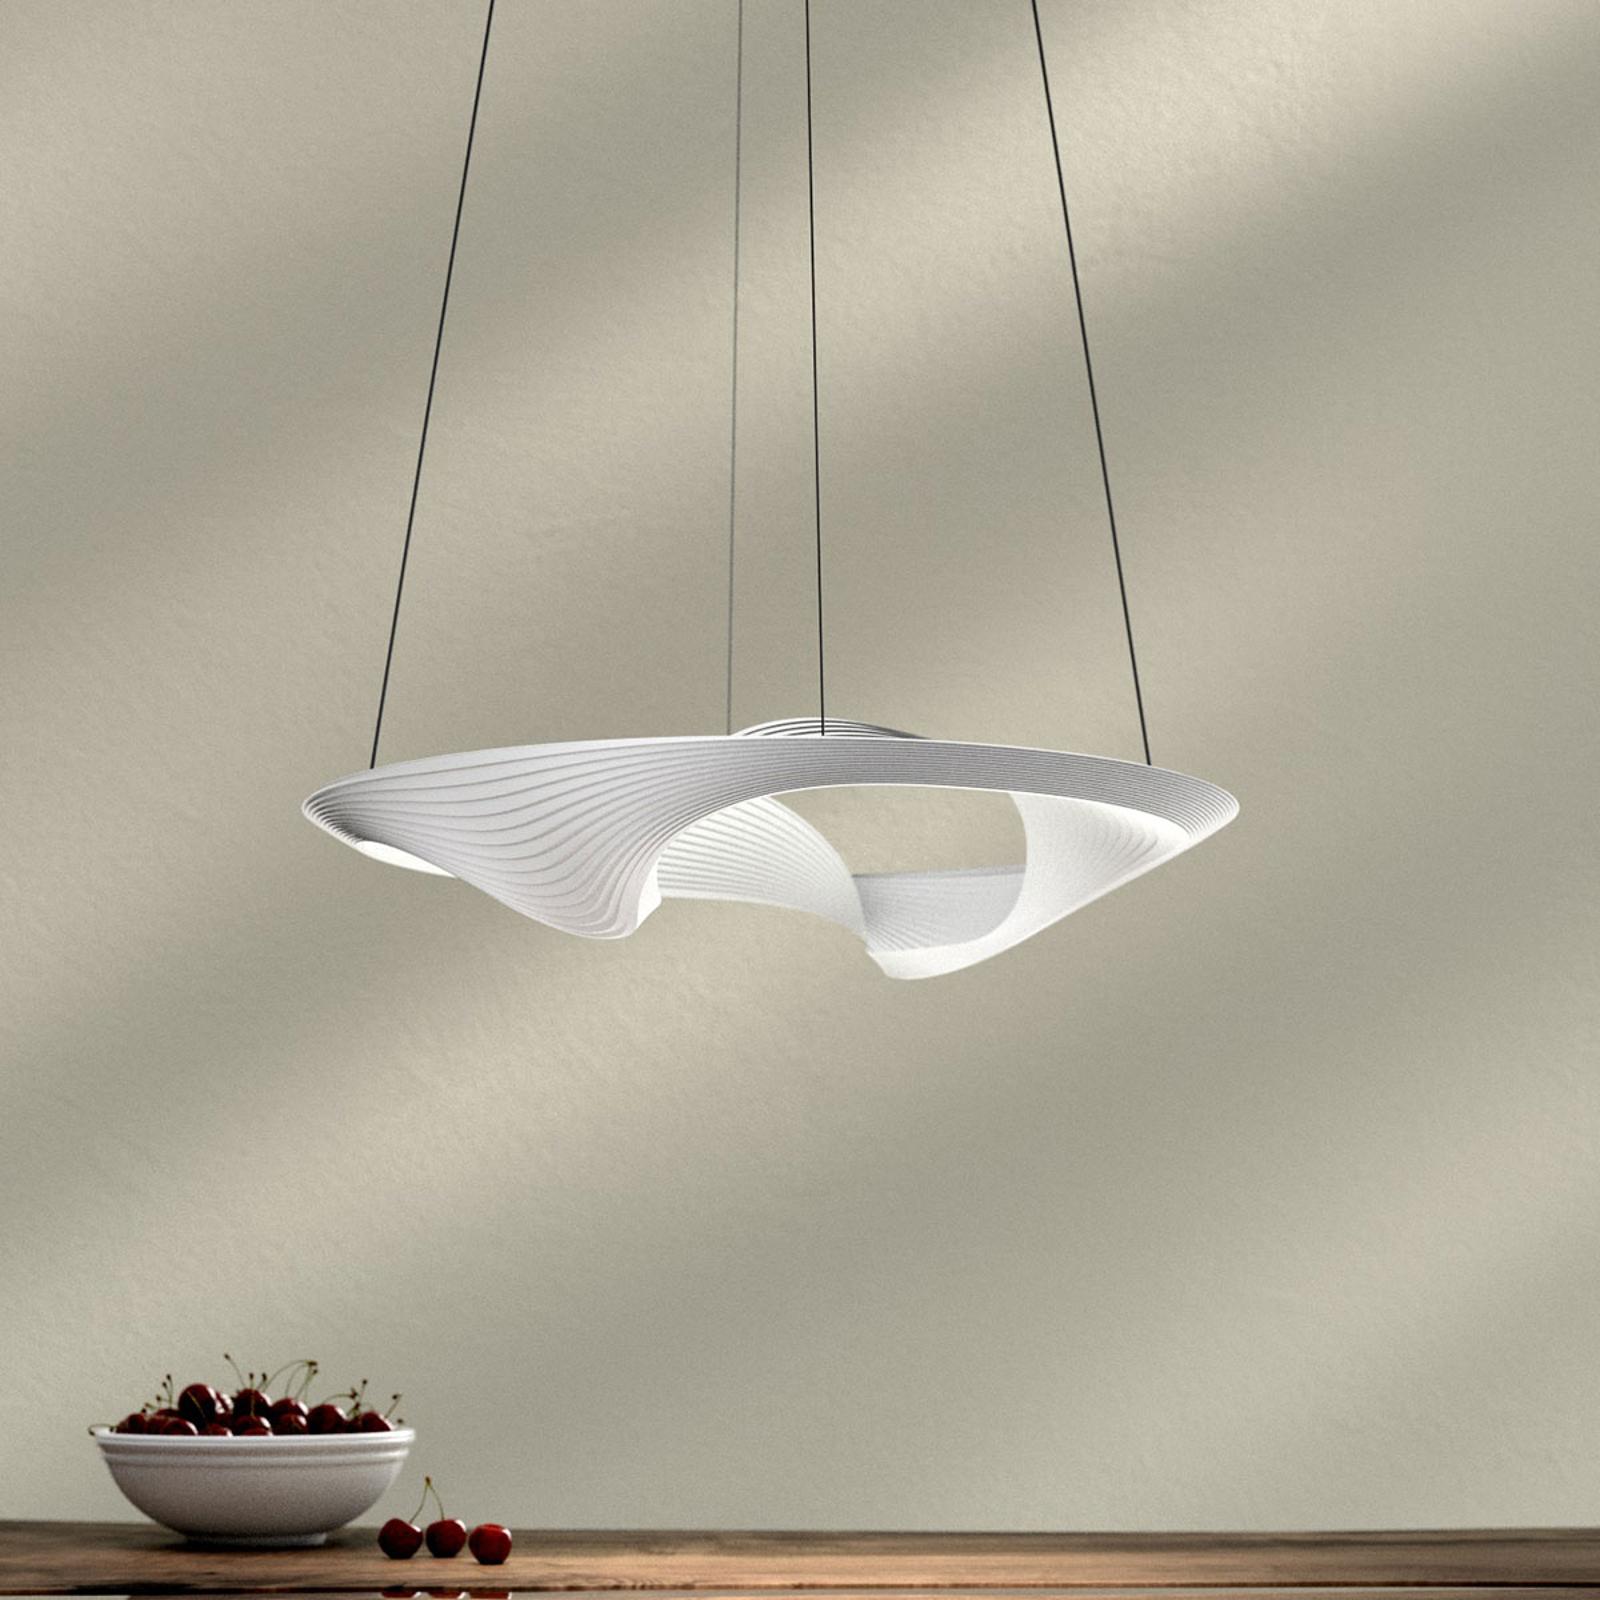 Cini&Nils Sestessa Cabrio dimbar LED-hengelampe